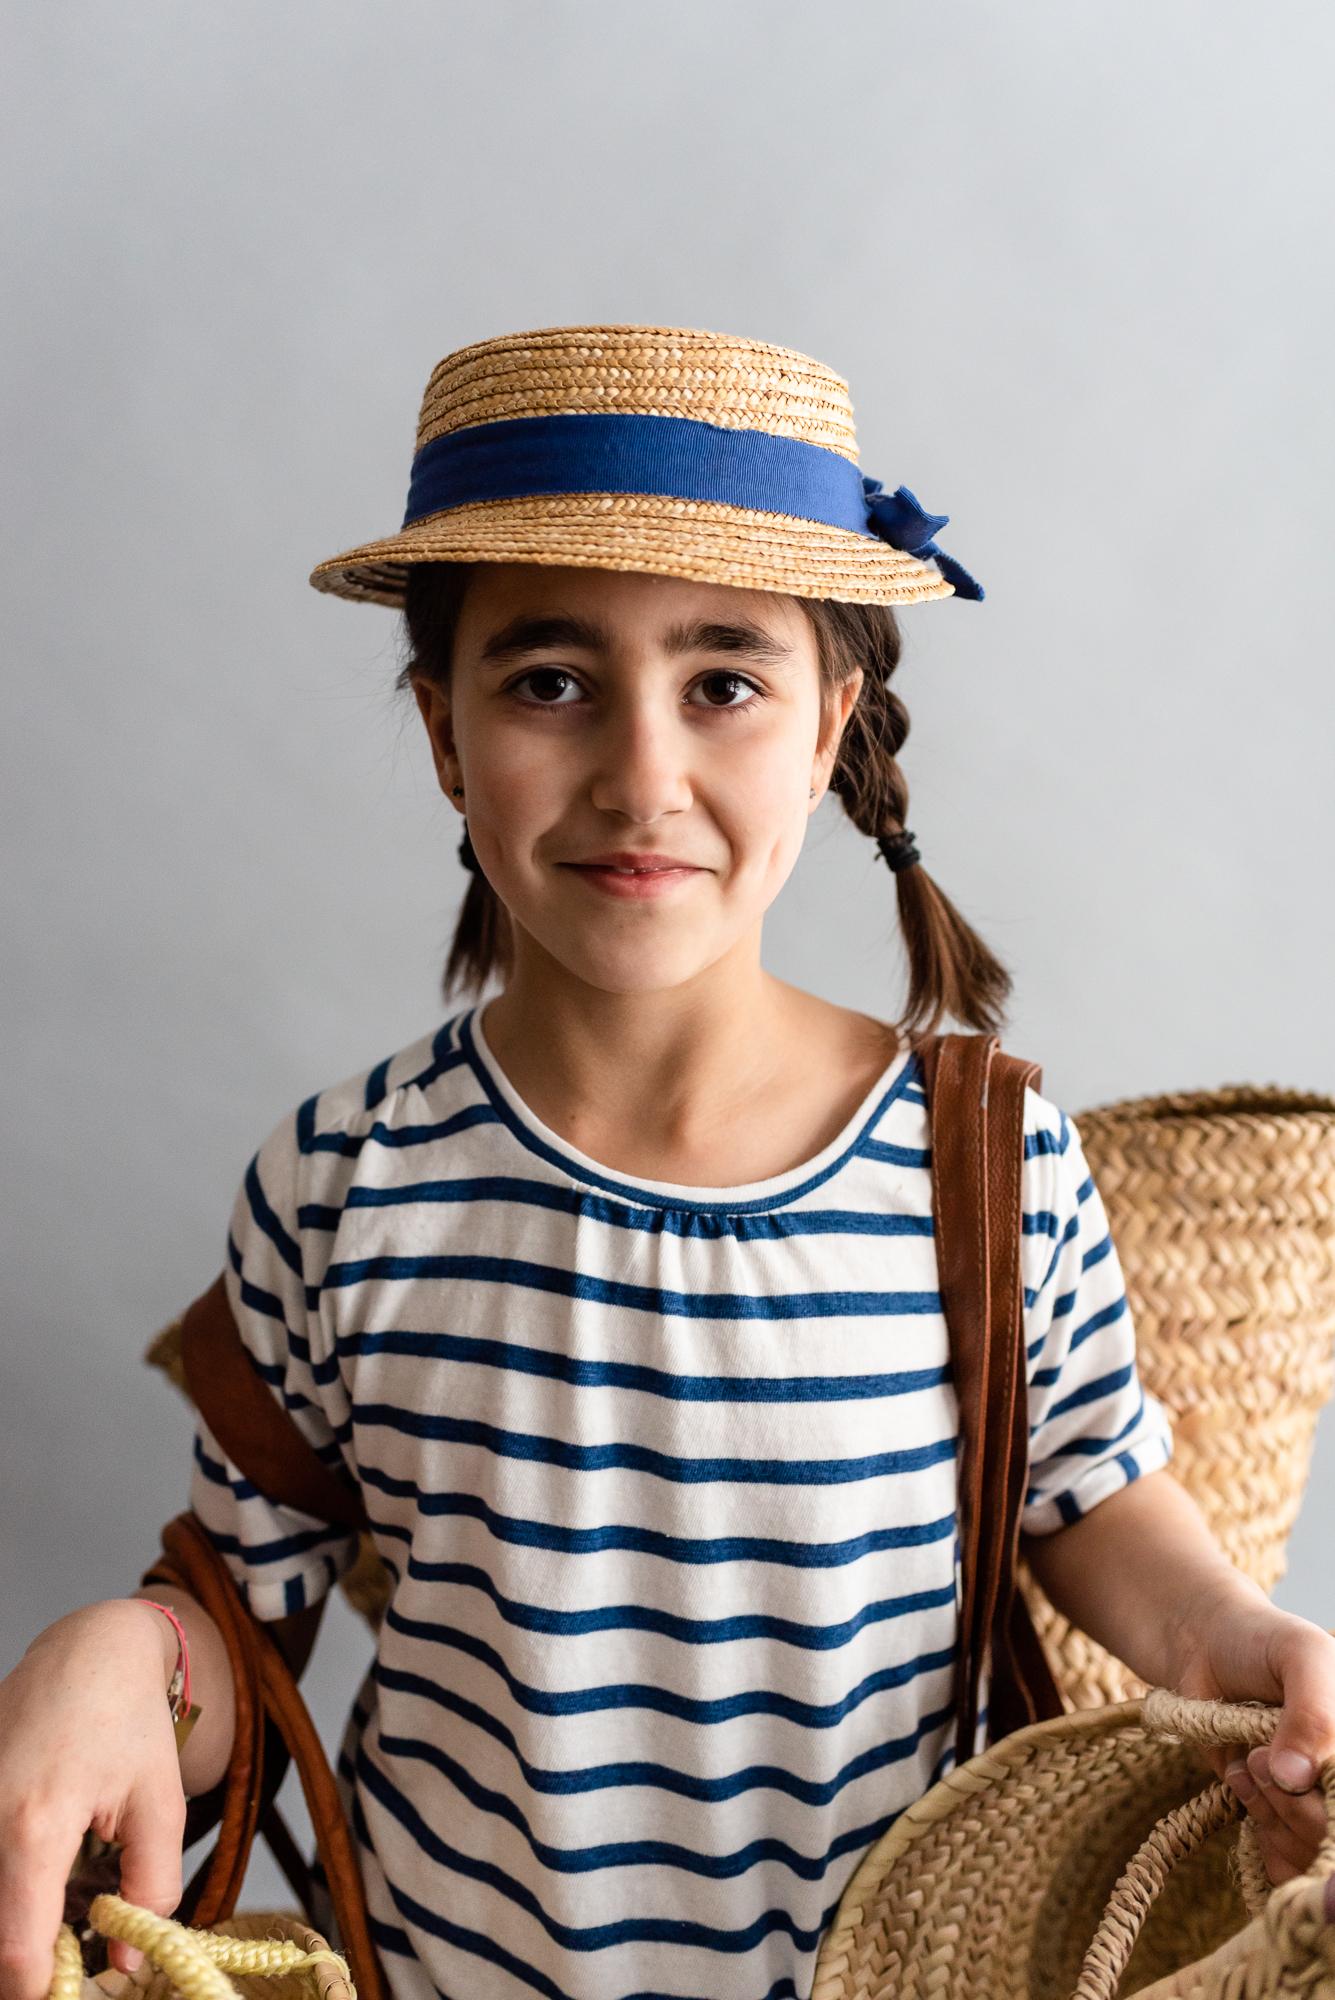 prp-kids=clothing-sewing-patterns13.jpg